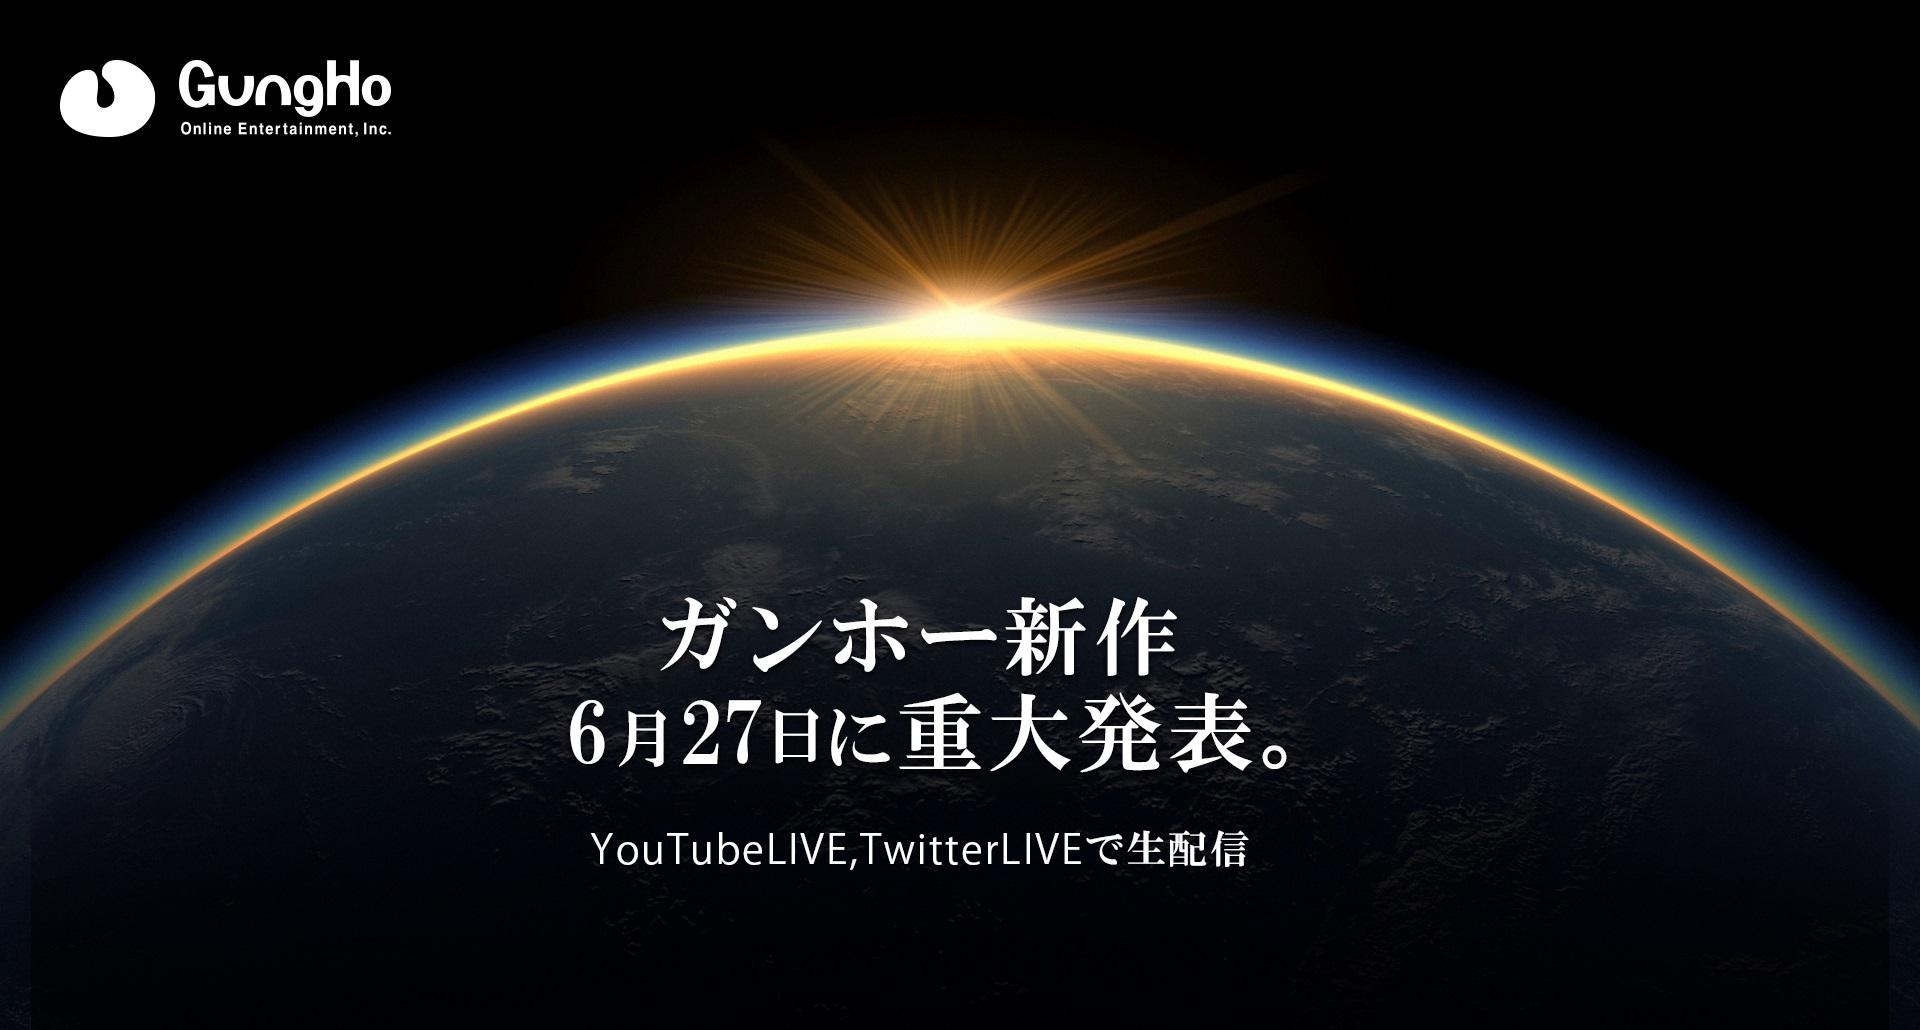 ガンホーが新作発表会を記念して総額1,000万円相当のプレゼントキャンペーンを実施!